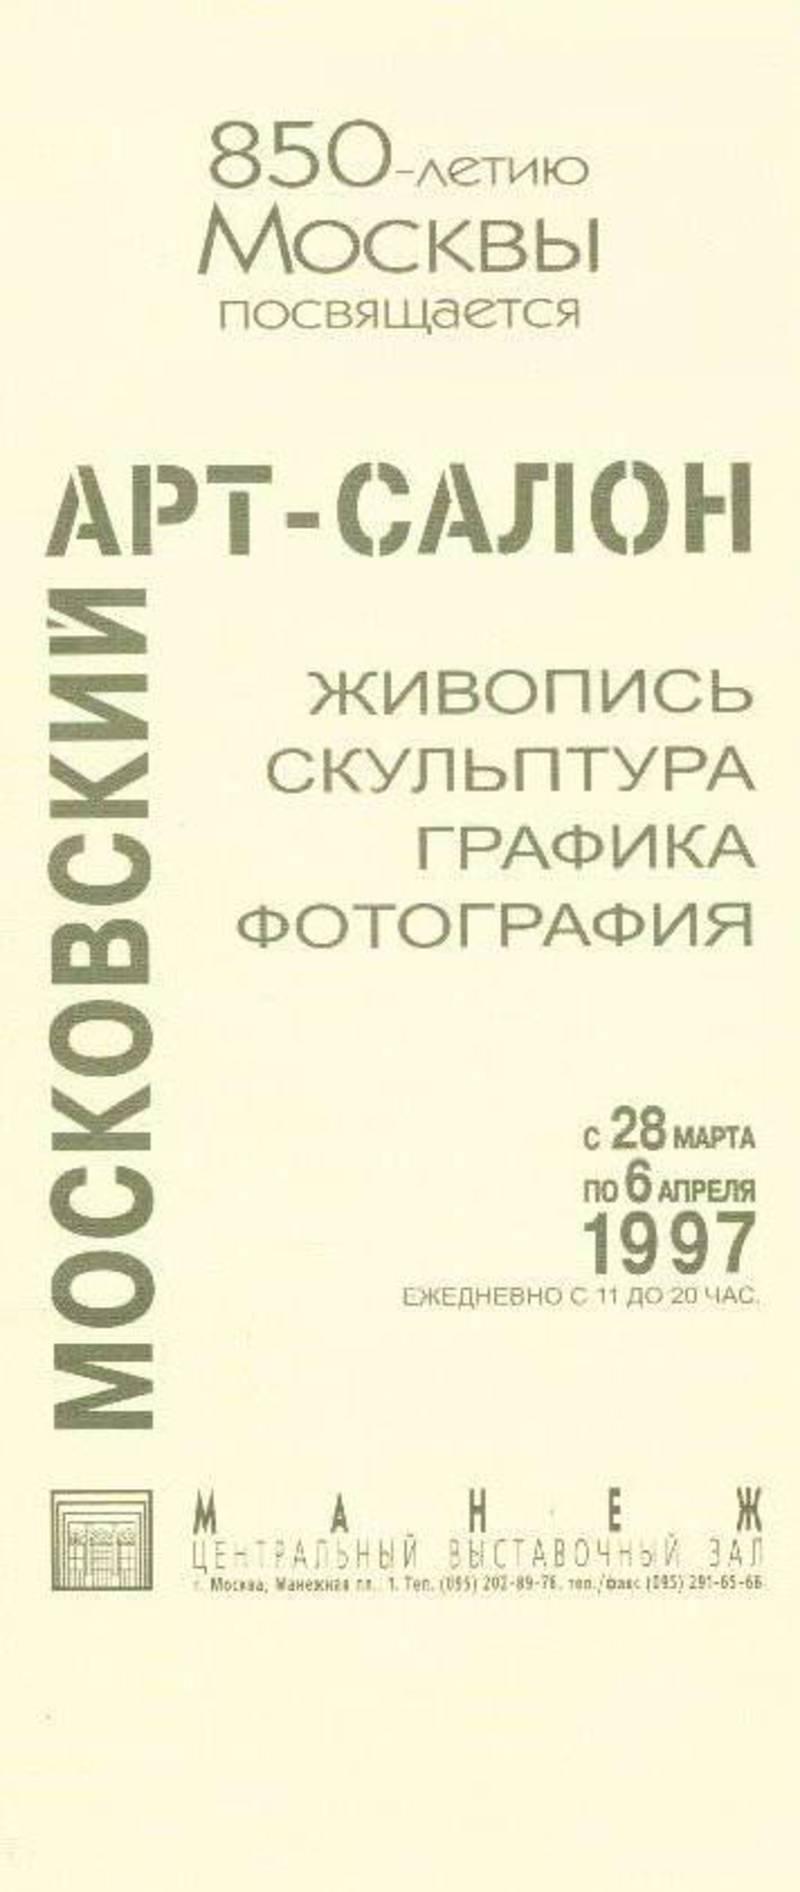 Московский Арт-Салон